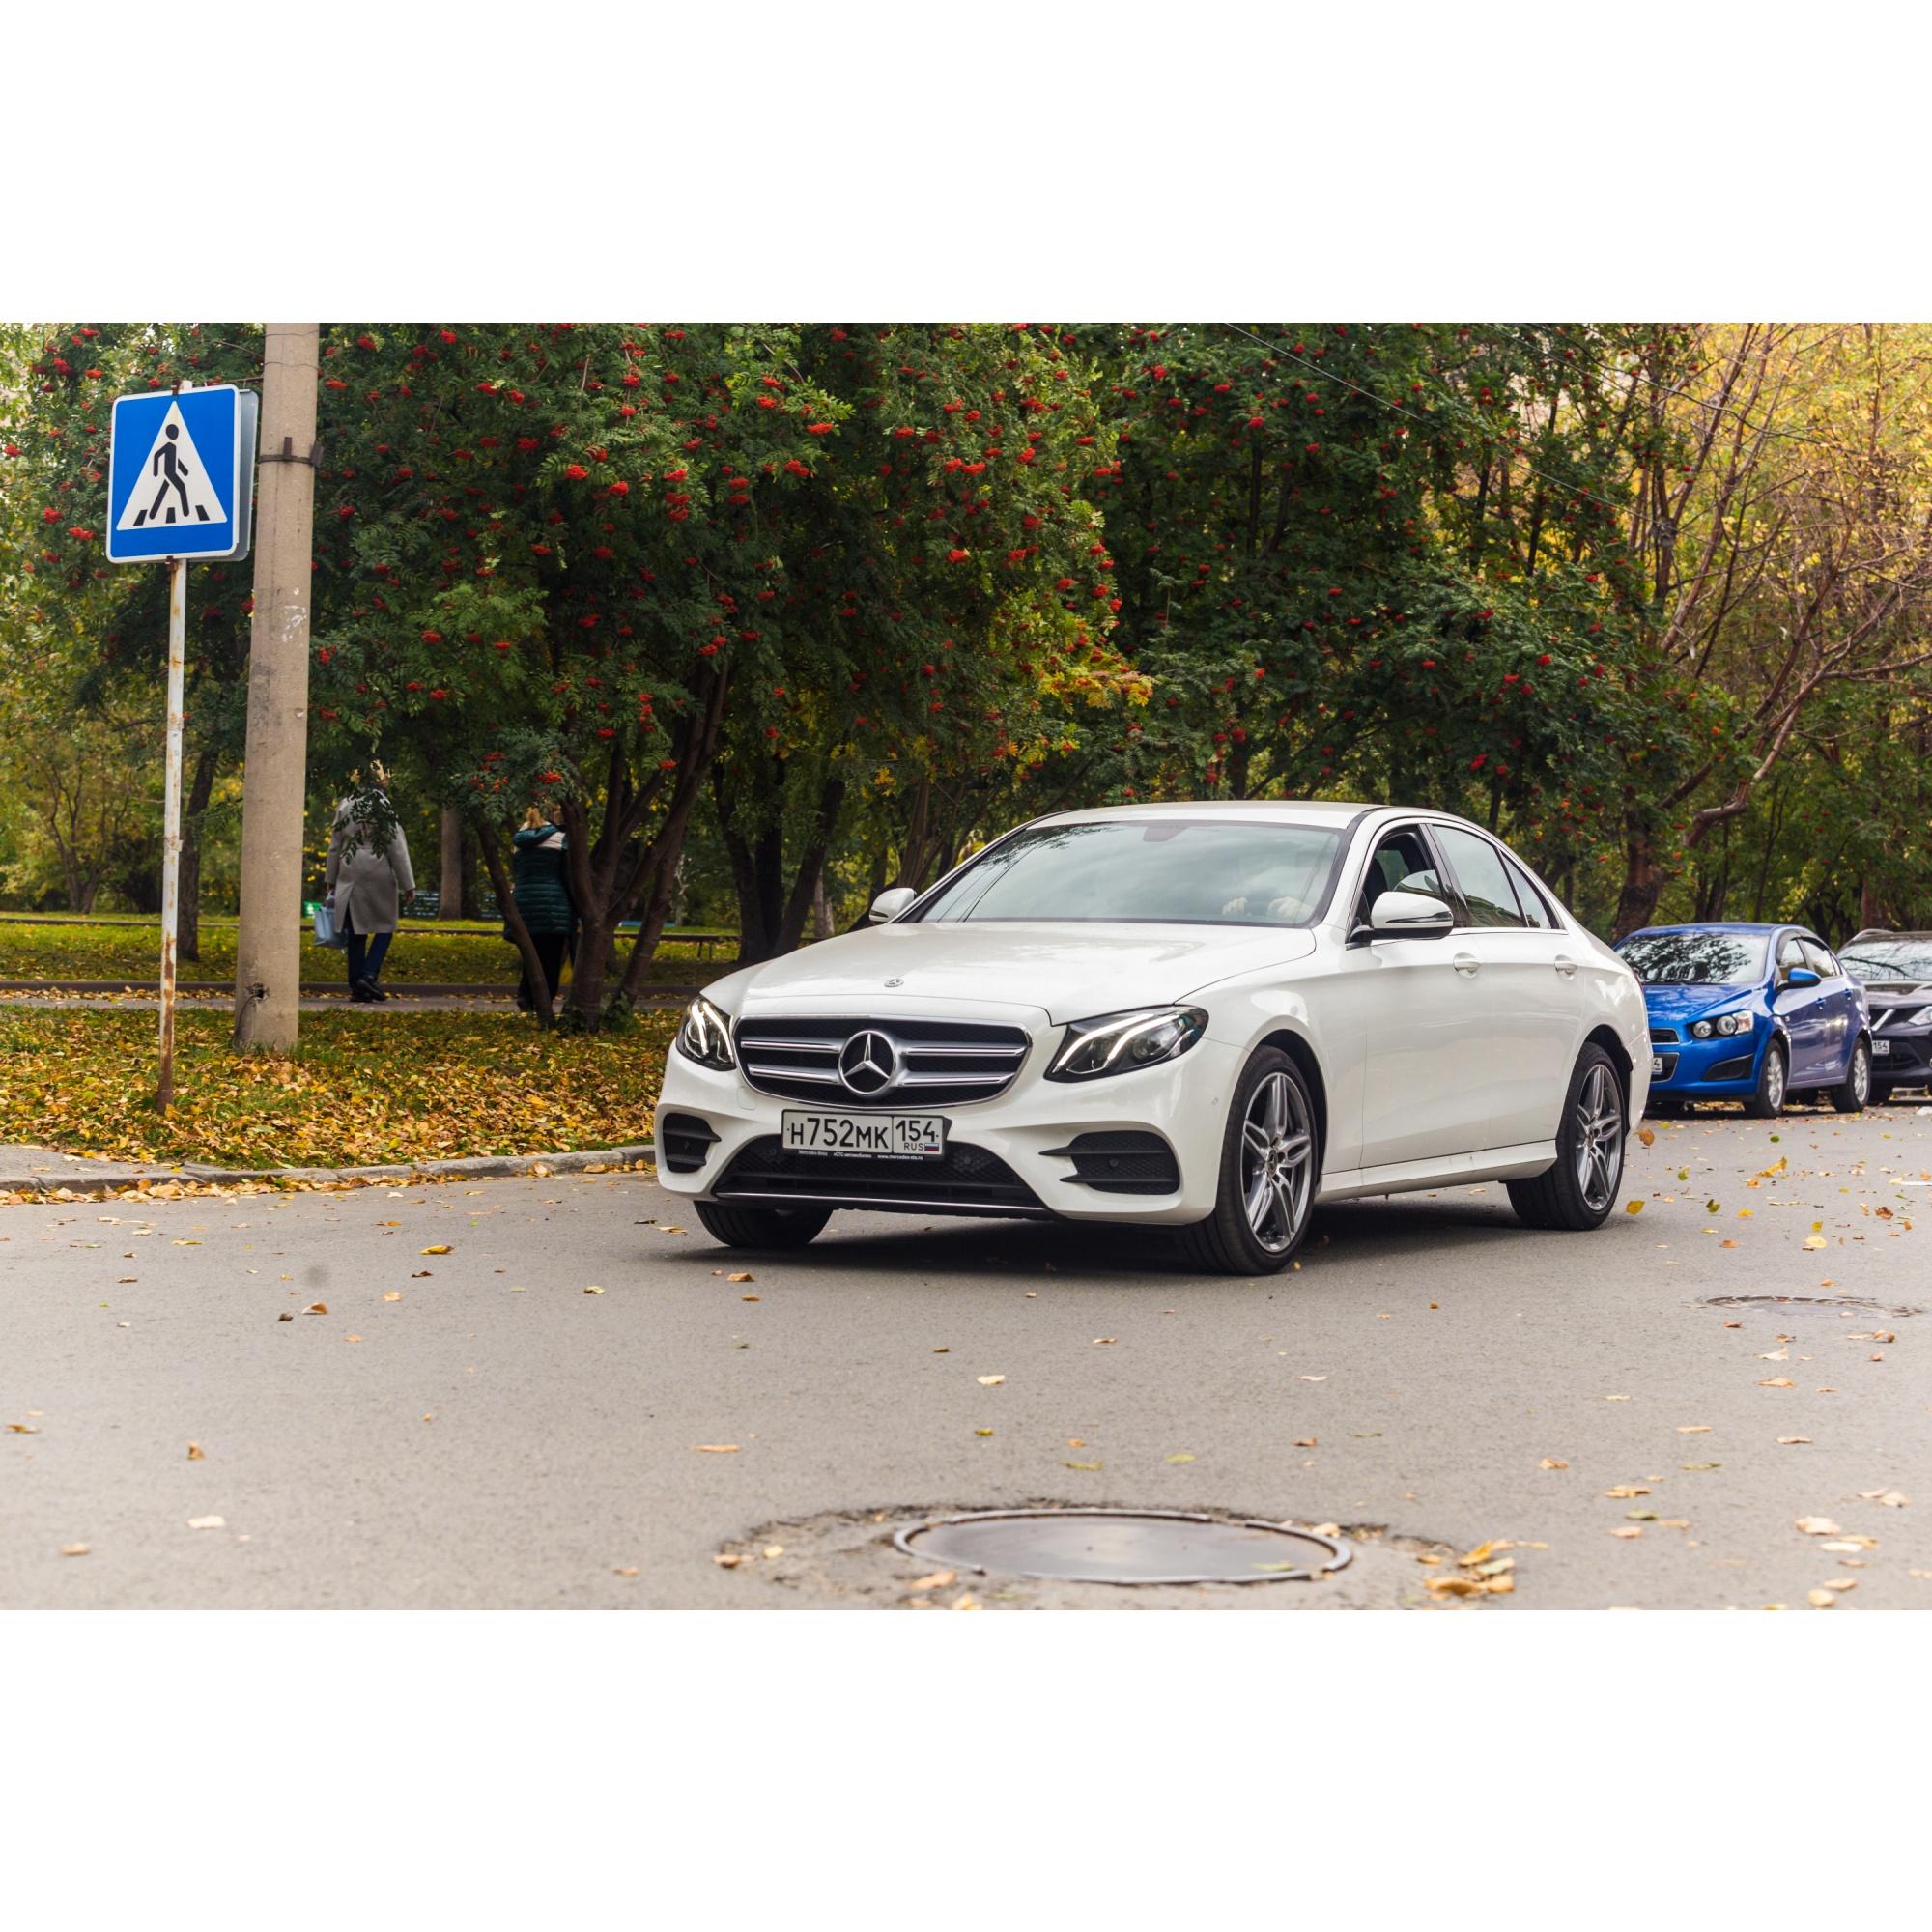 Стоит российский Mercedes-Benz E-класса от 3 150 000 рублей